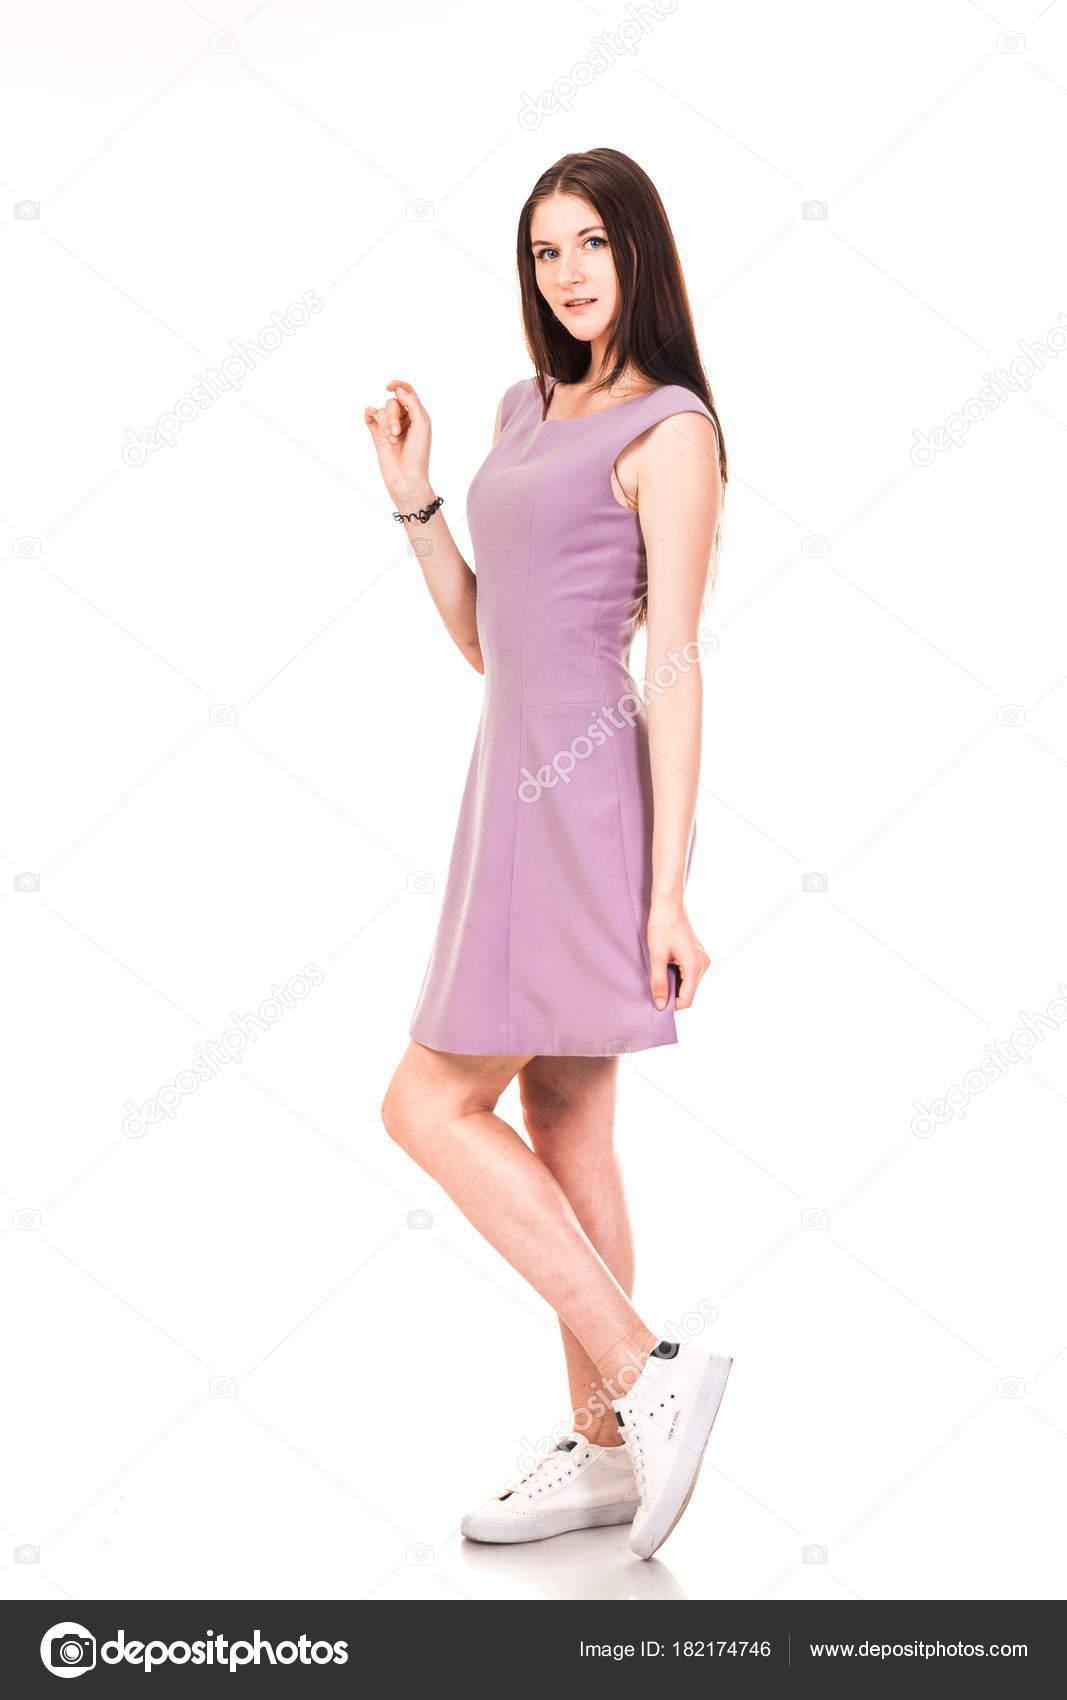 Was fur schuhe zu rosa kleid